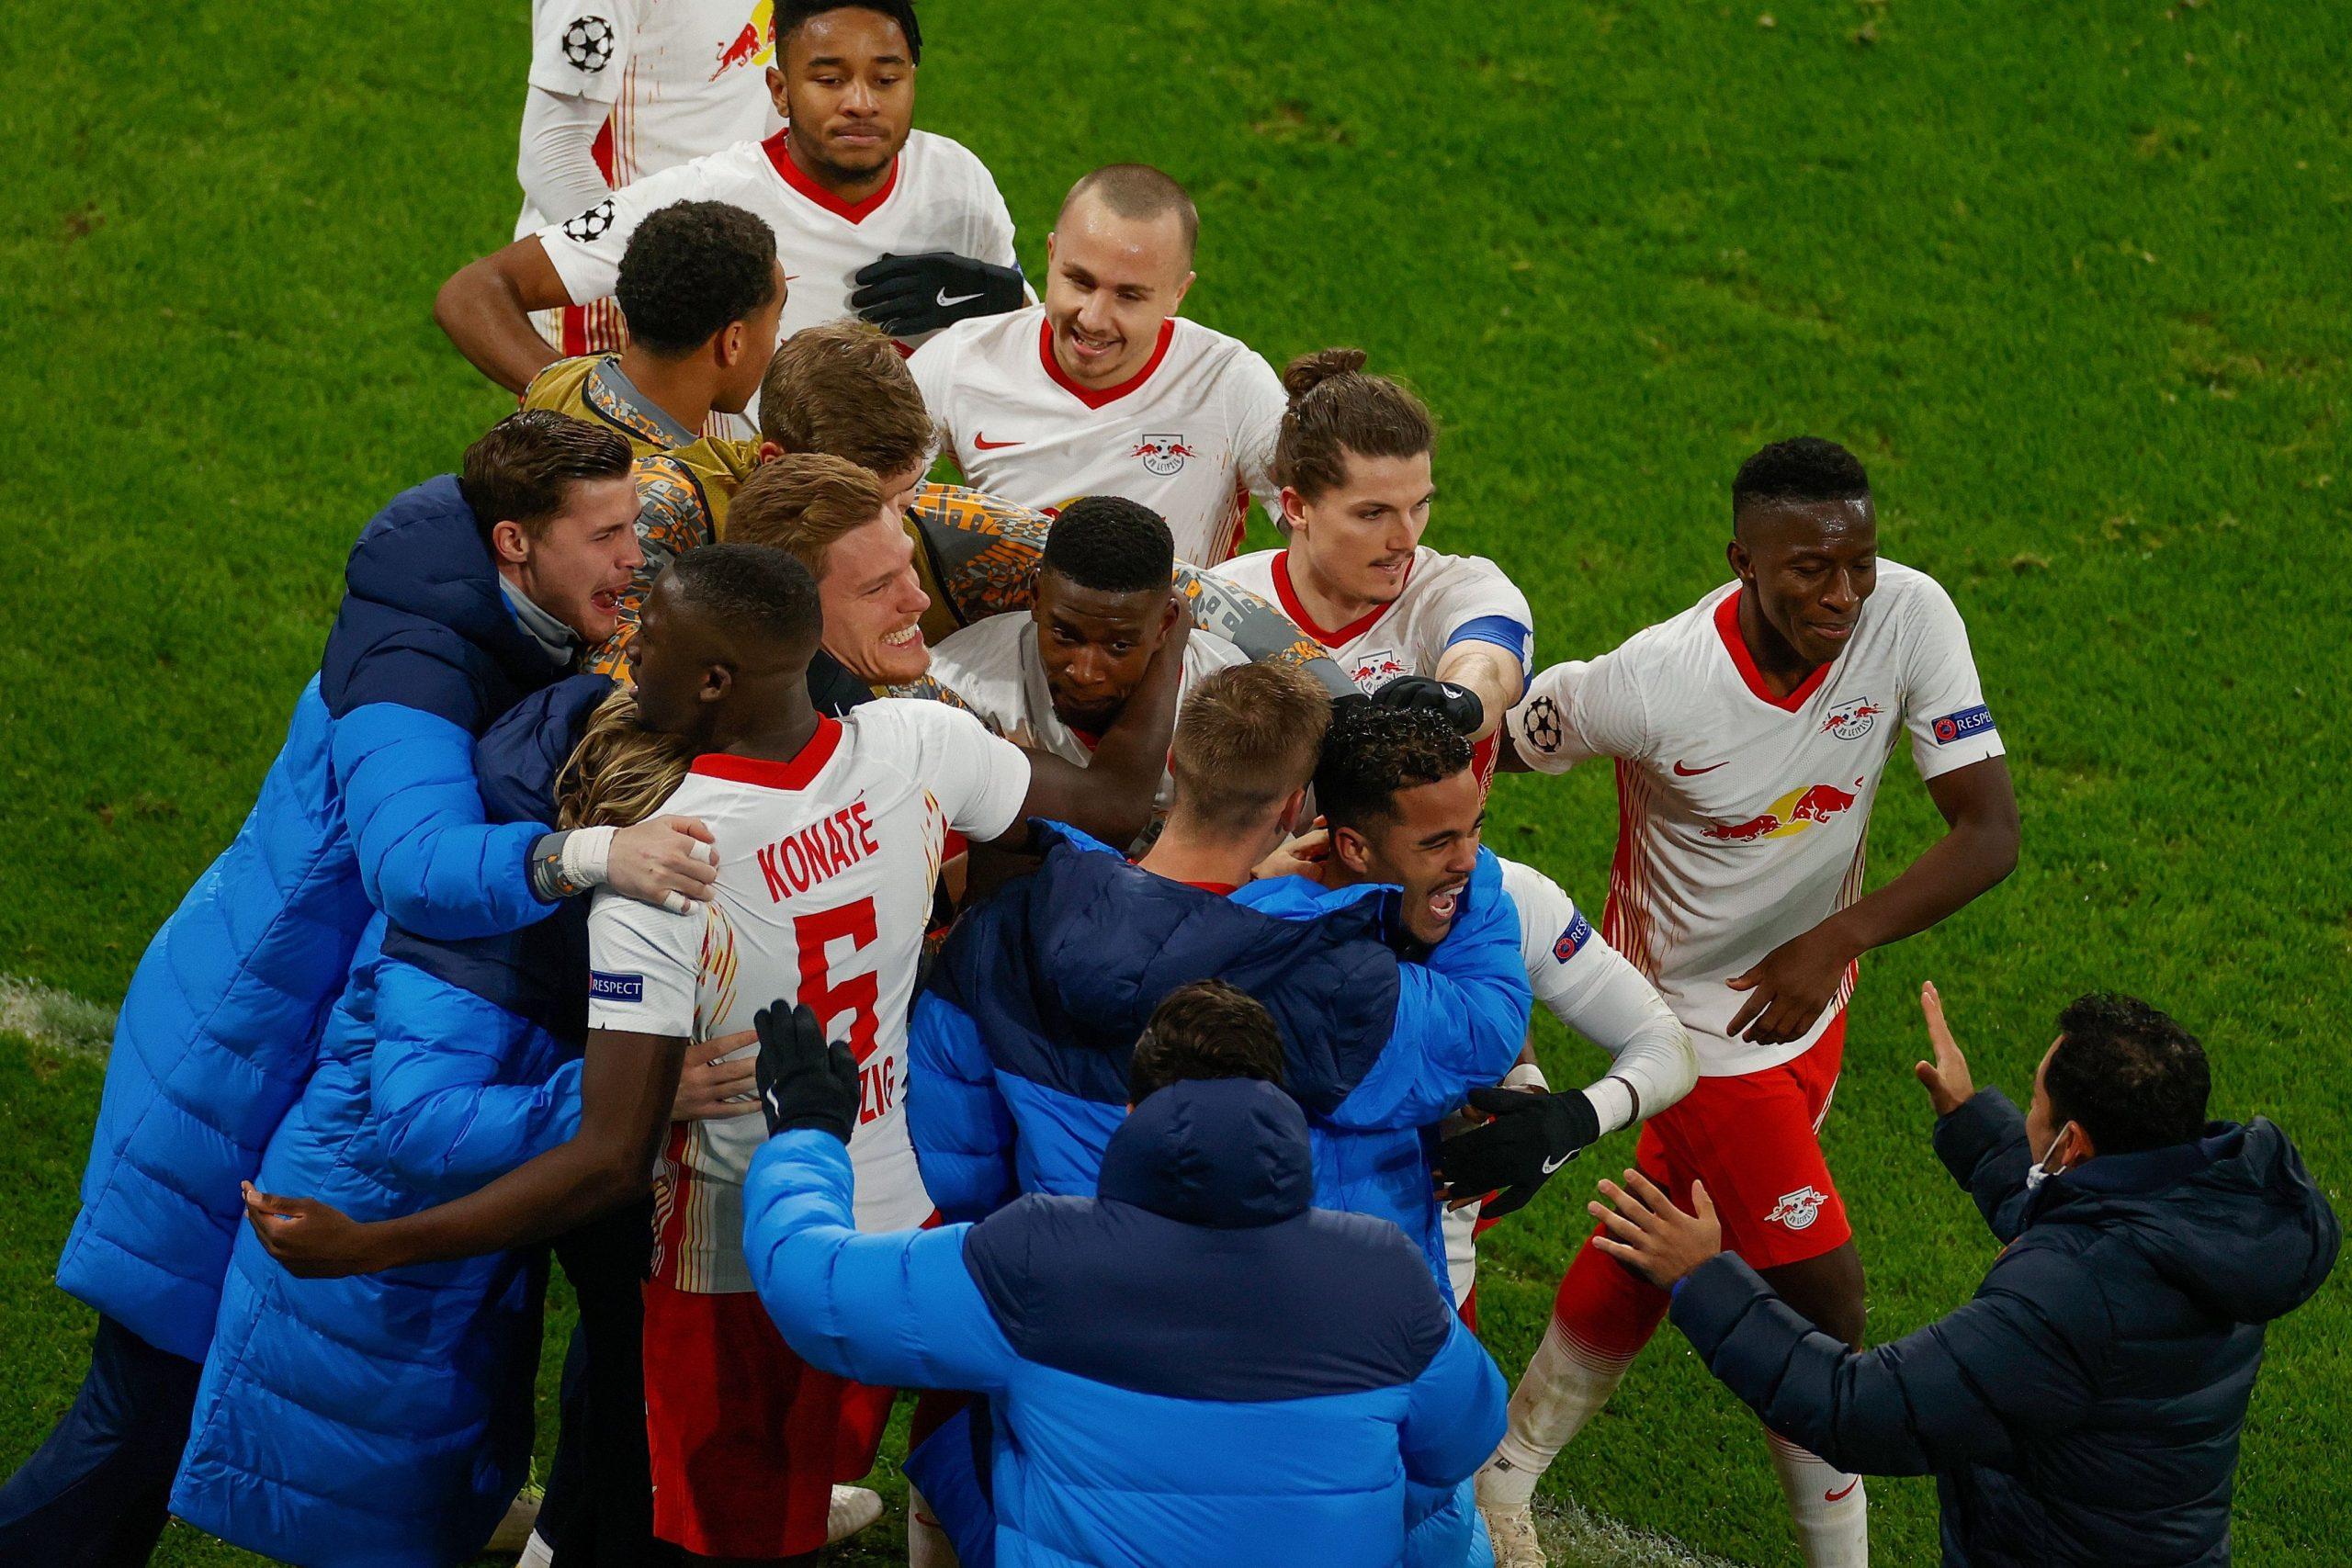 لابيزيج يتأهل لدور الـ16 بأبطال أوروبا